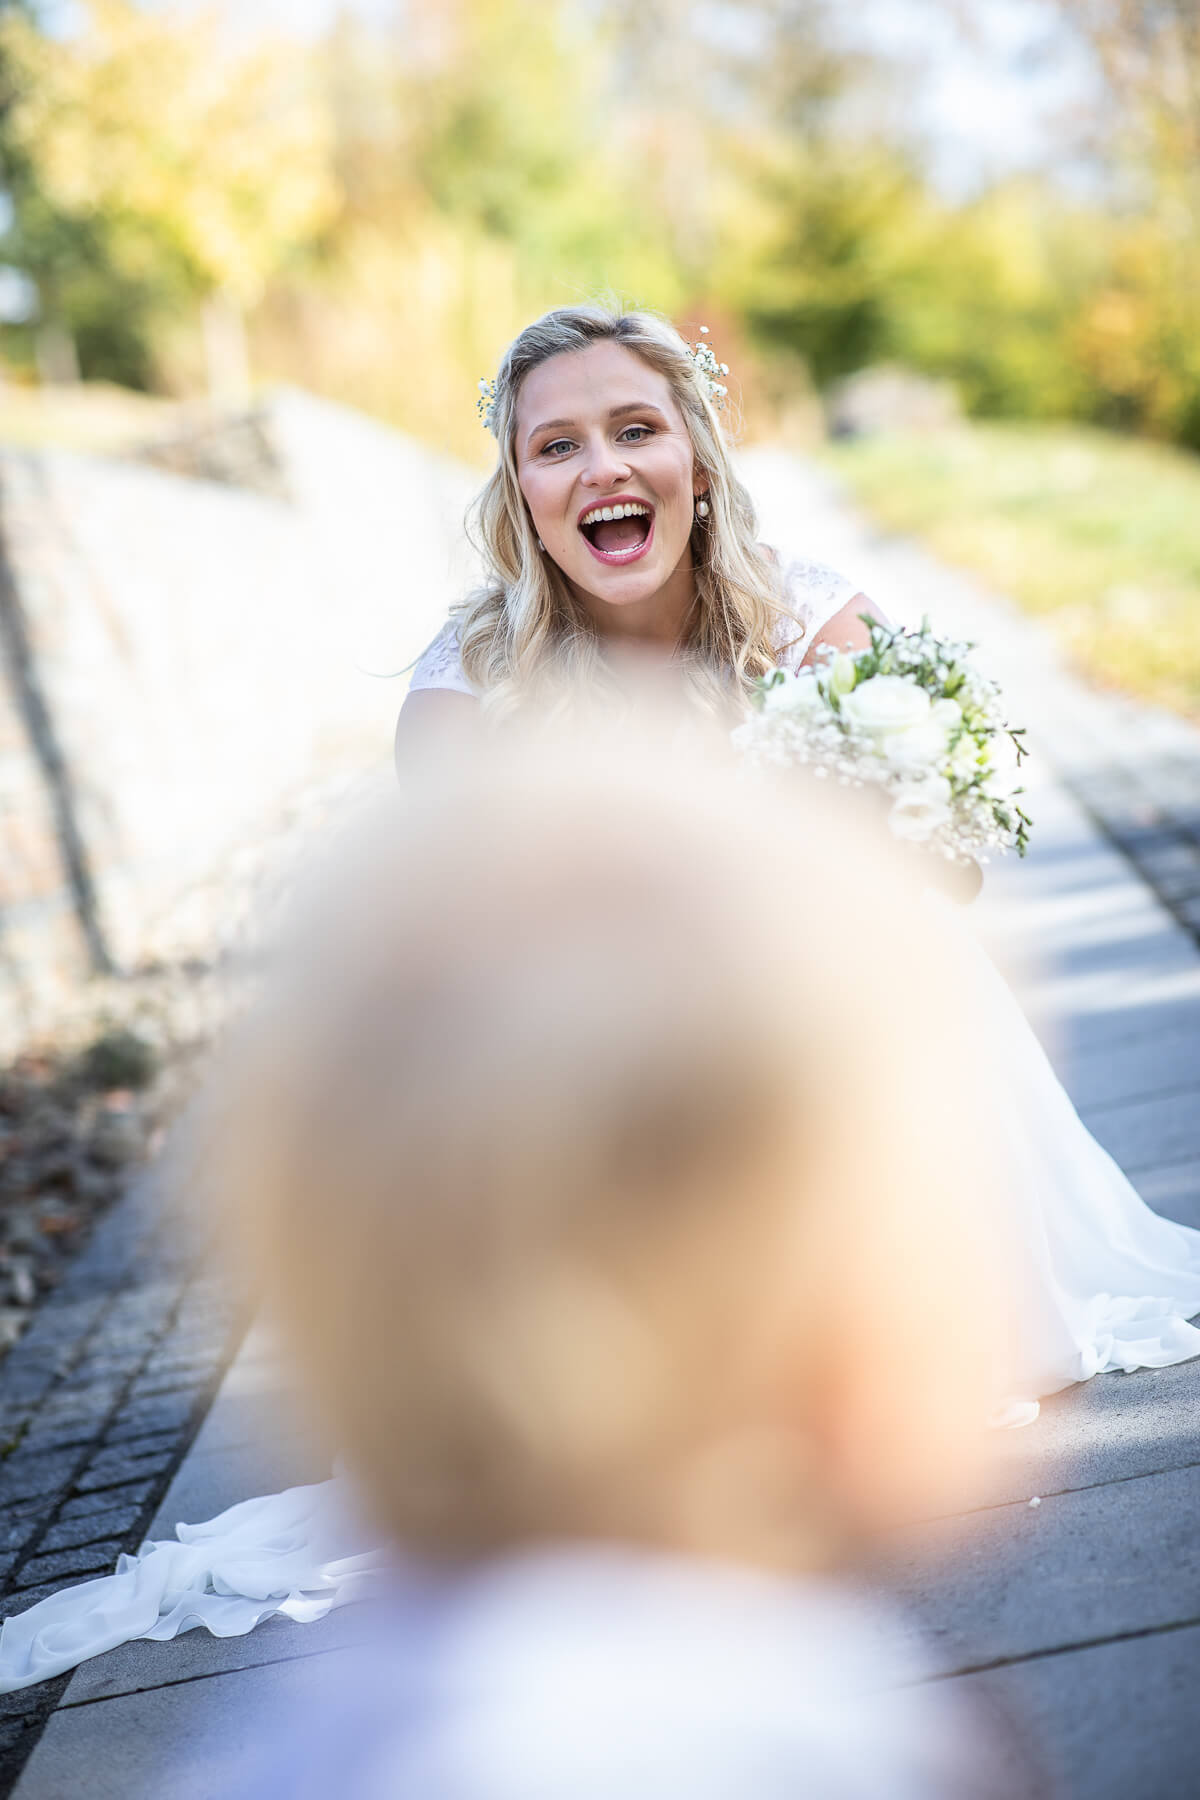 Hochzeitsreportage   Zülpich  Laga 04